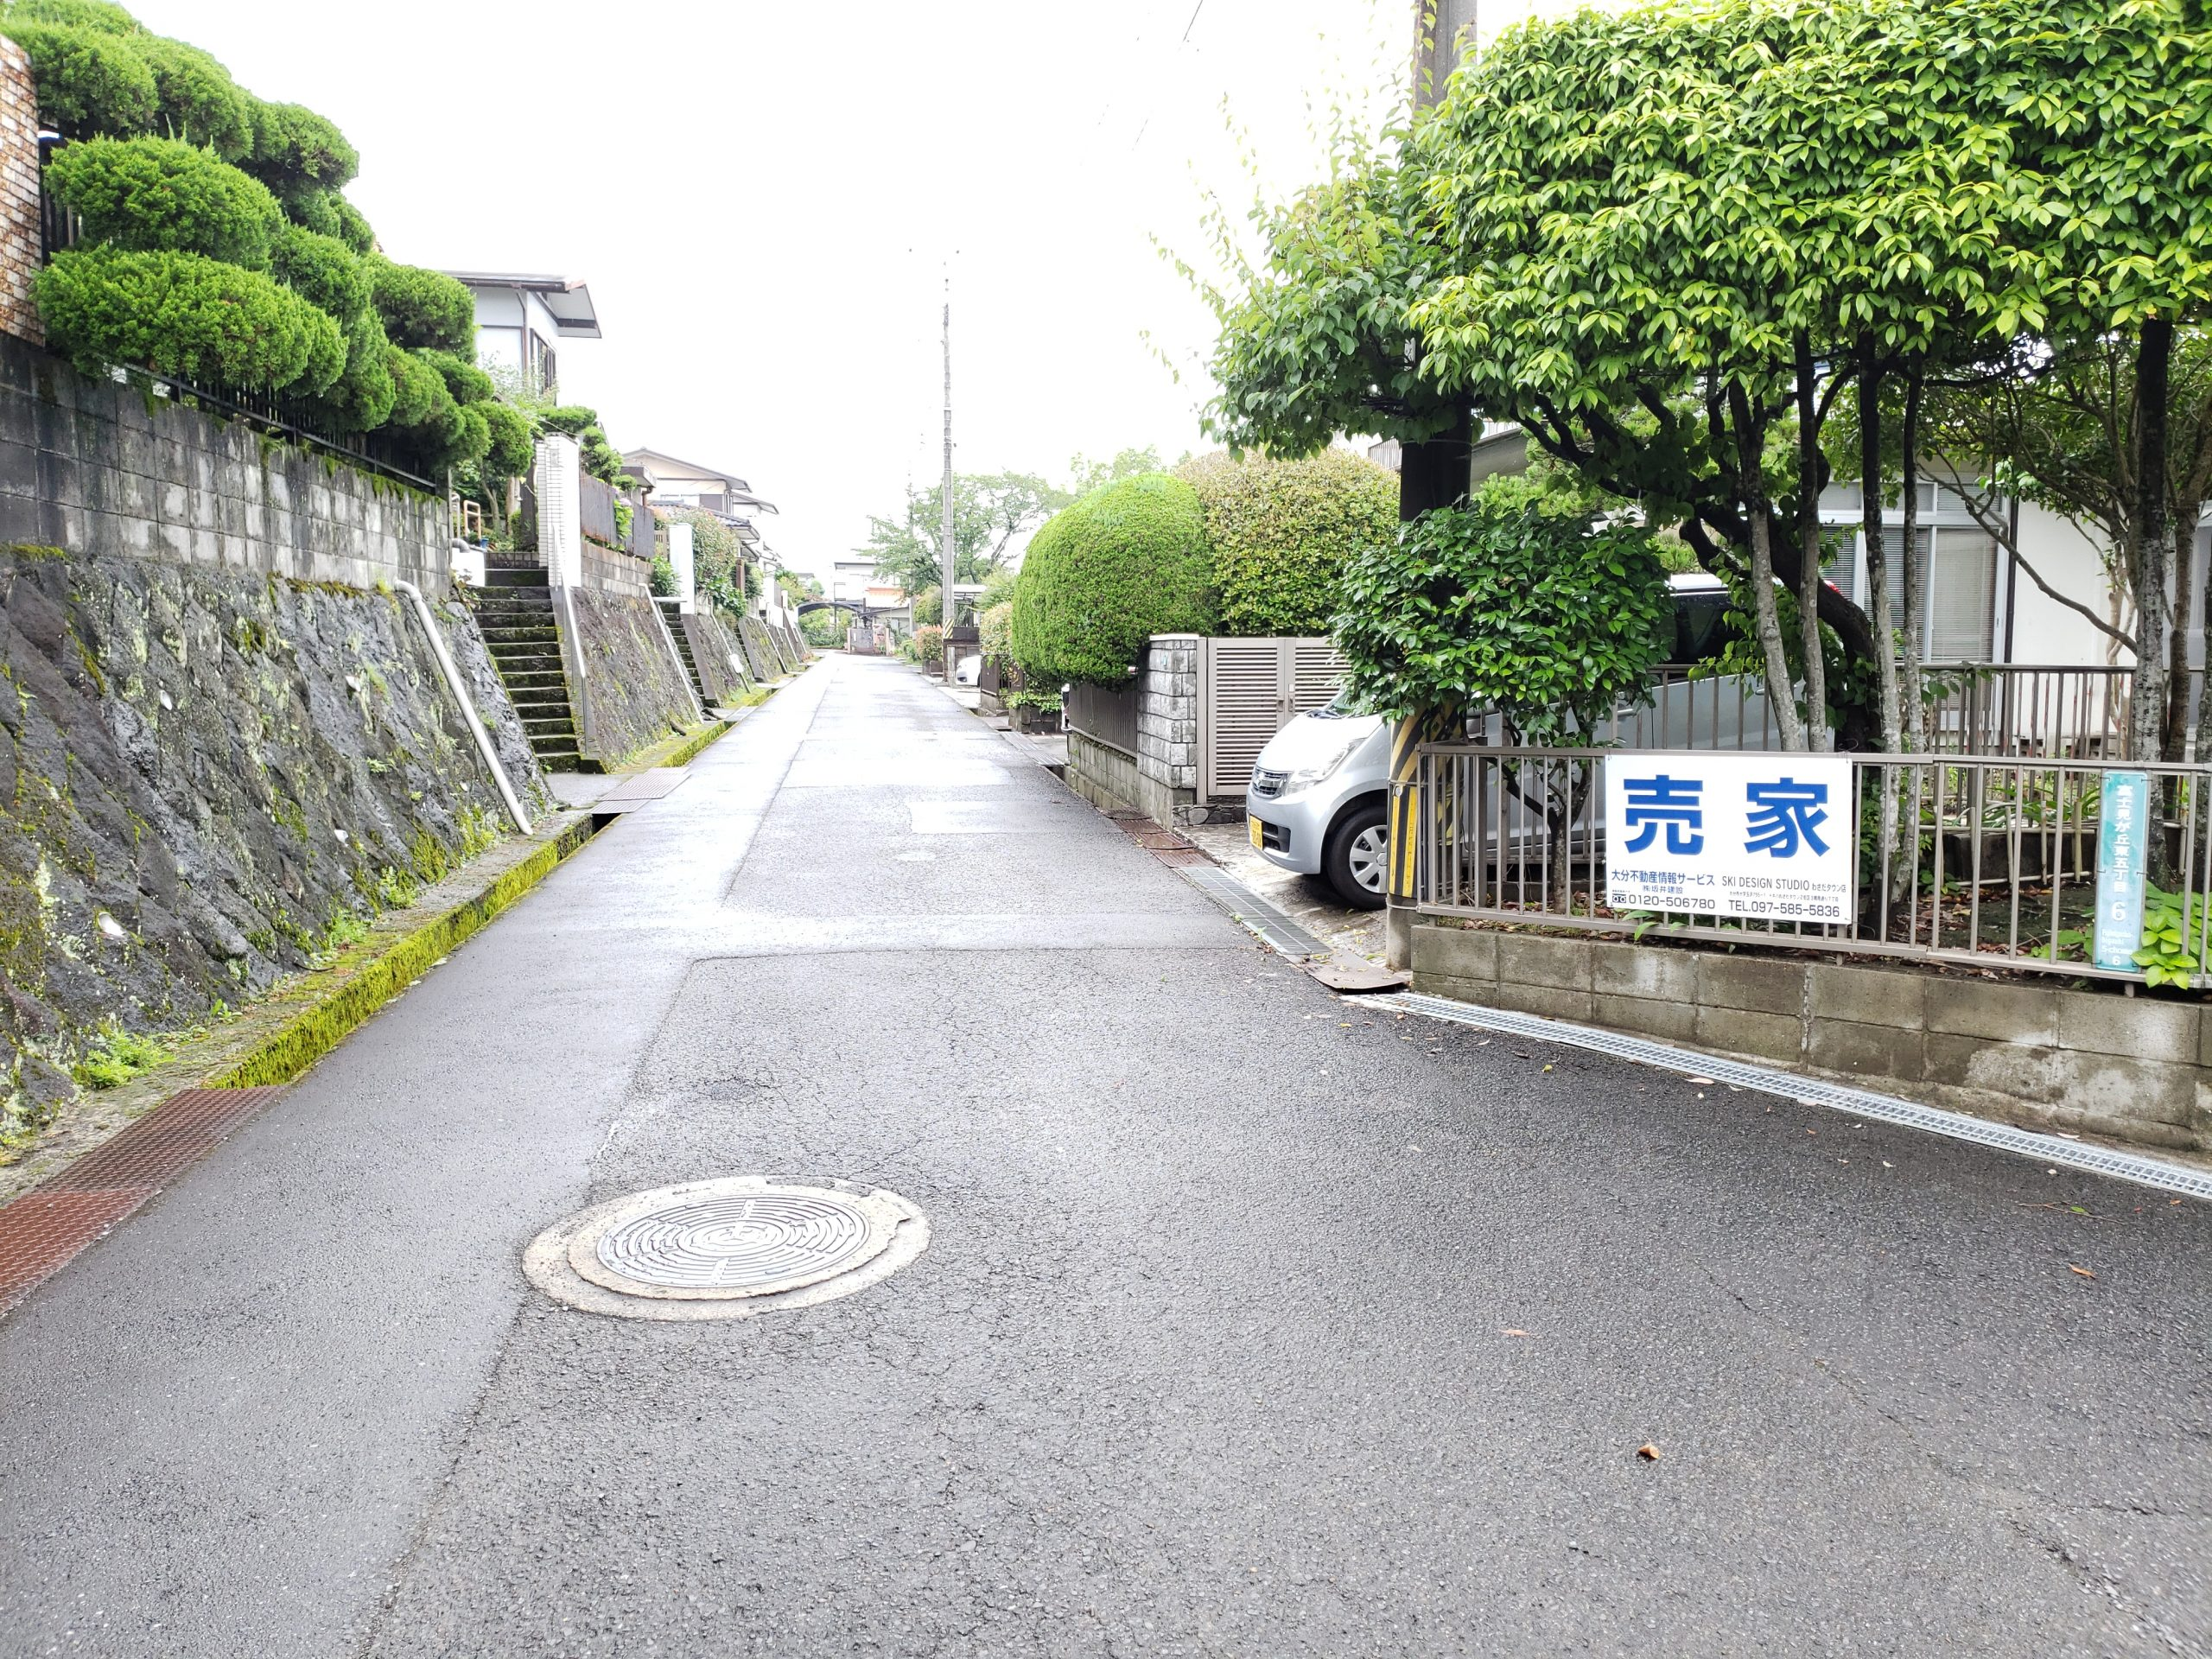 大分市富士見が丘 土地物件3【OSUMU】大分不動産情報サービス